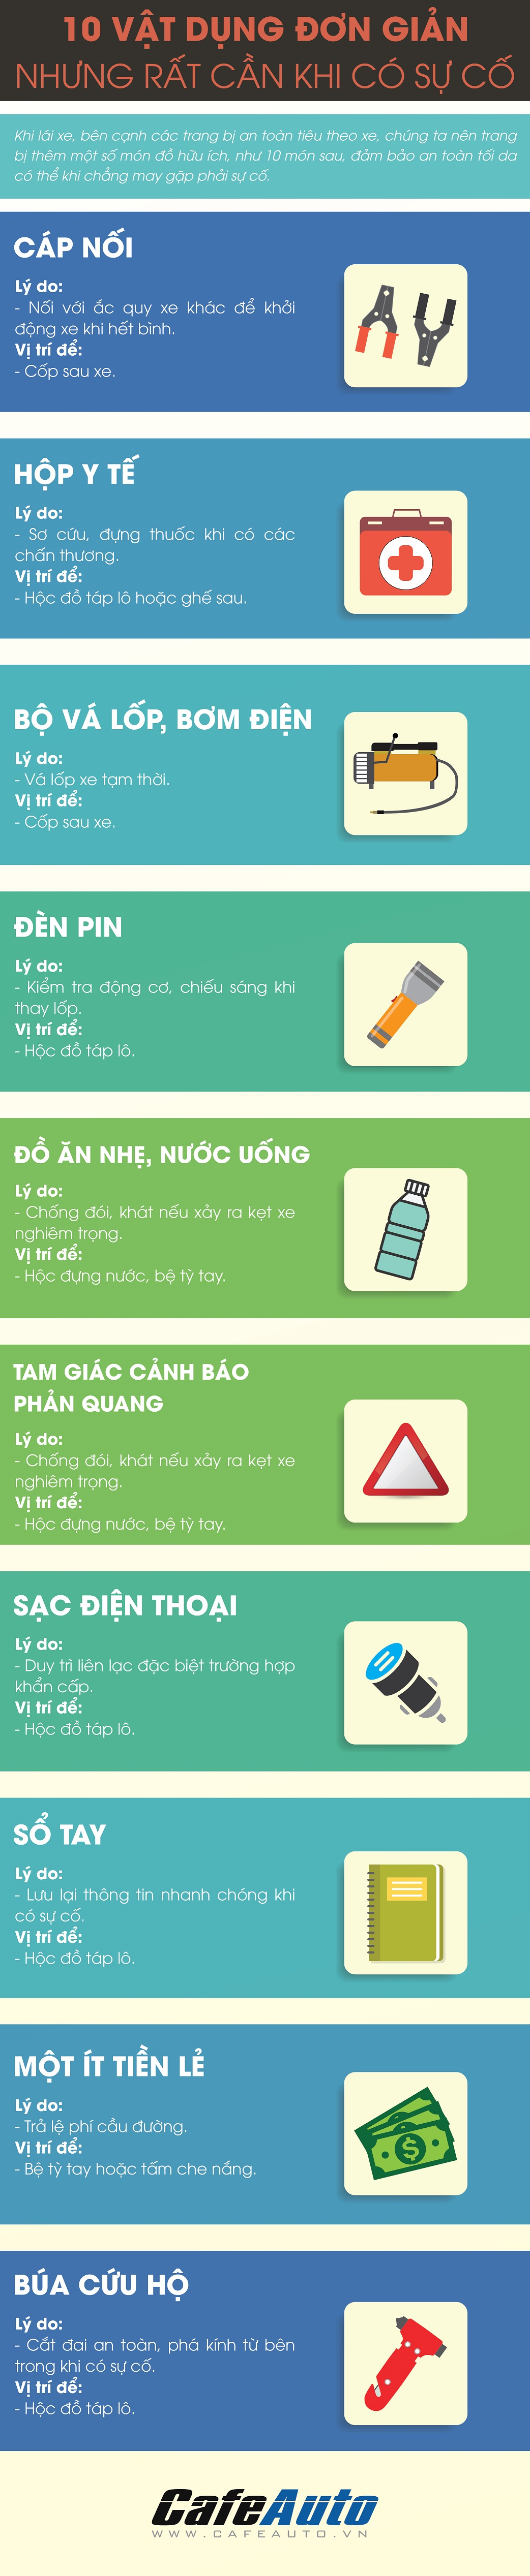 10 vật dụng đơn giản nhưng rất cần khi có sự cố